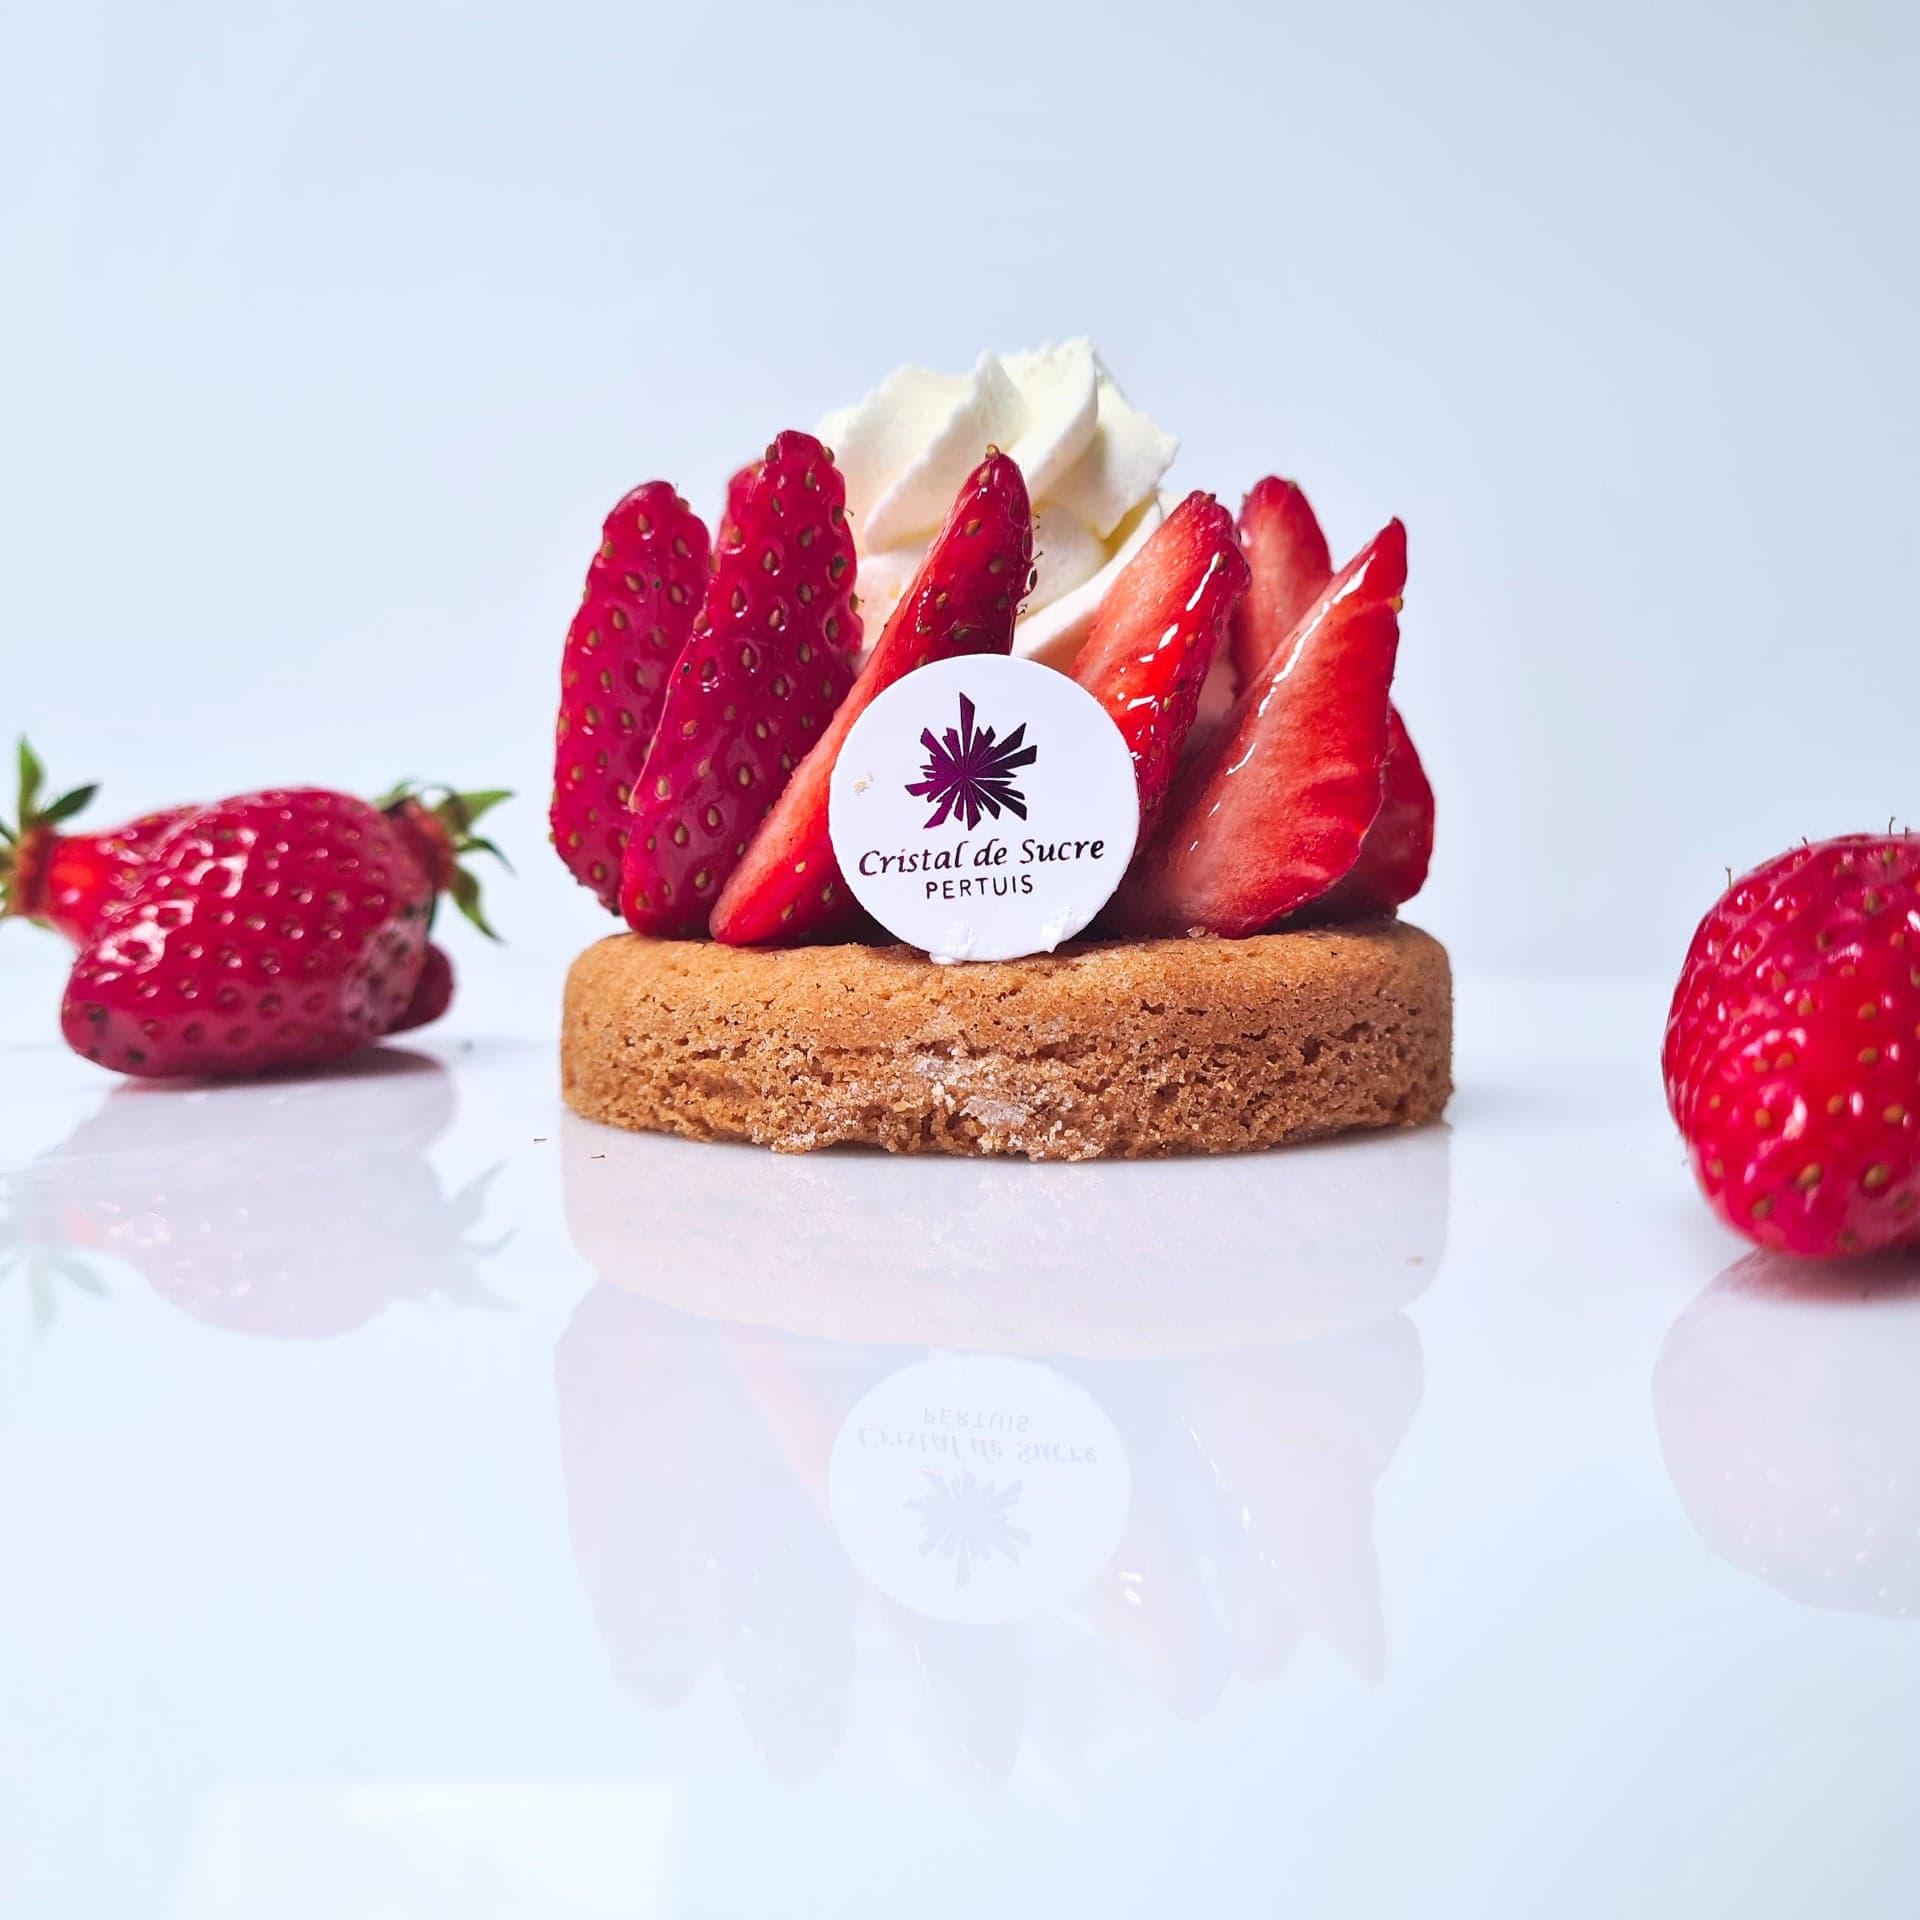 Sablé breton, crème pâtissière, fraises, chantilly 4 € Selon saison